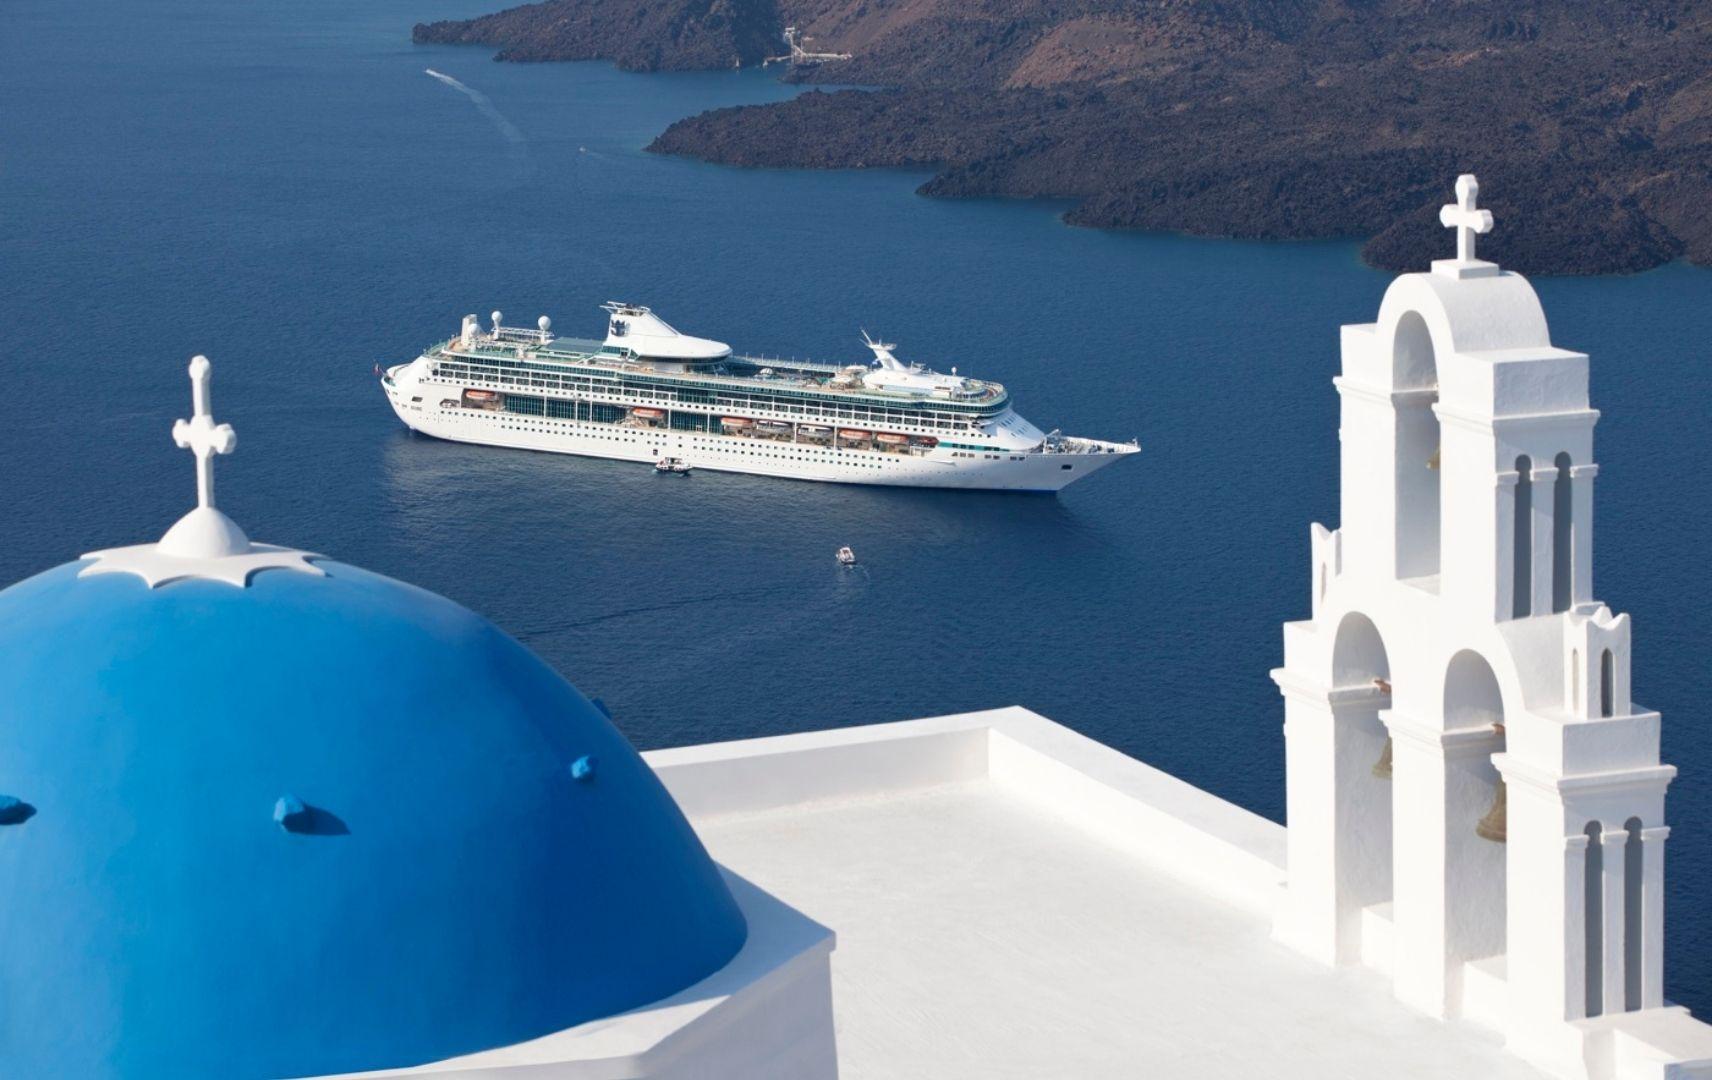 Kreuzfahrtschiff auf dem Meer und weißes Haus mit blauer Kuppel